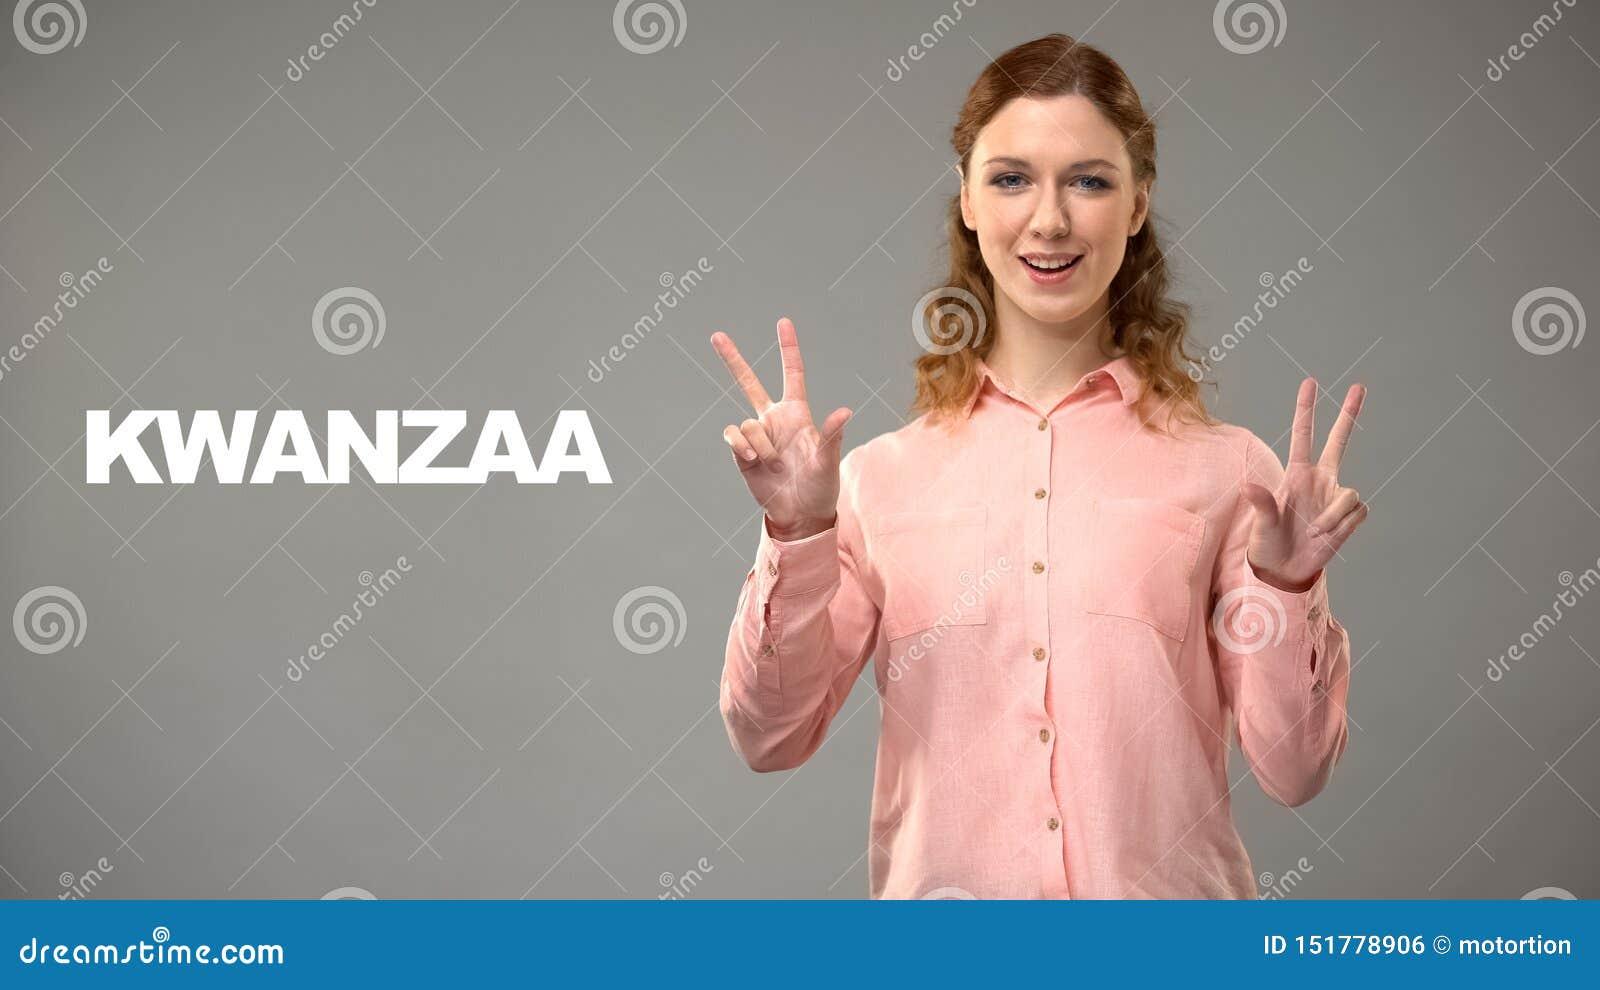 Dove dame die kwanzaa in gebarentaal, tekst op achtergrond, mededeling zeggen